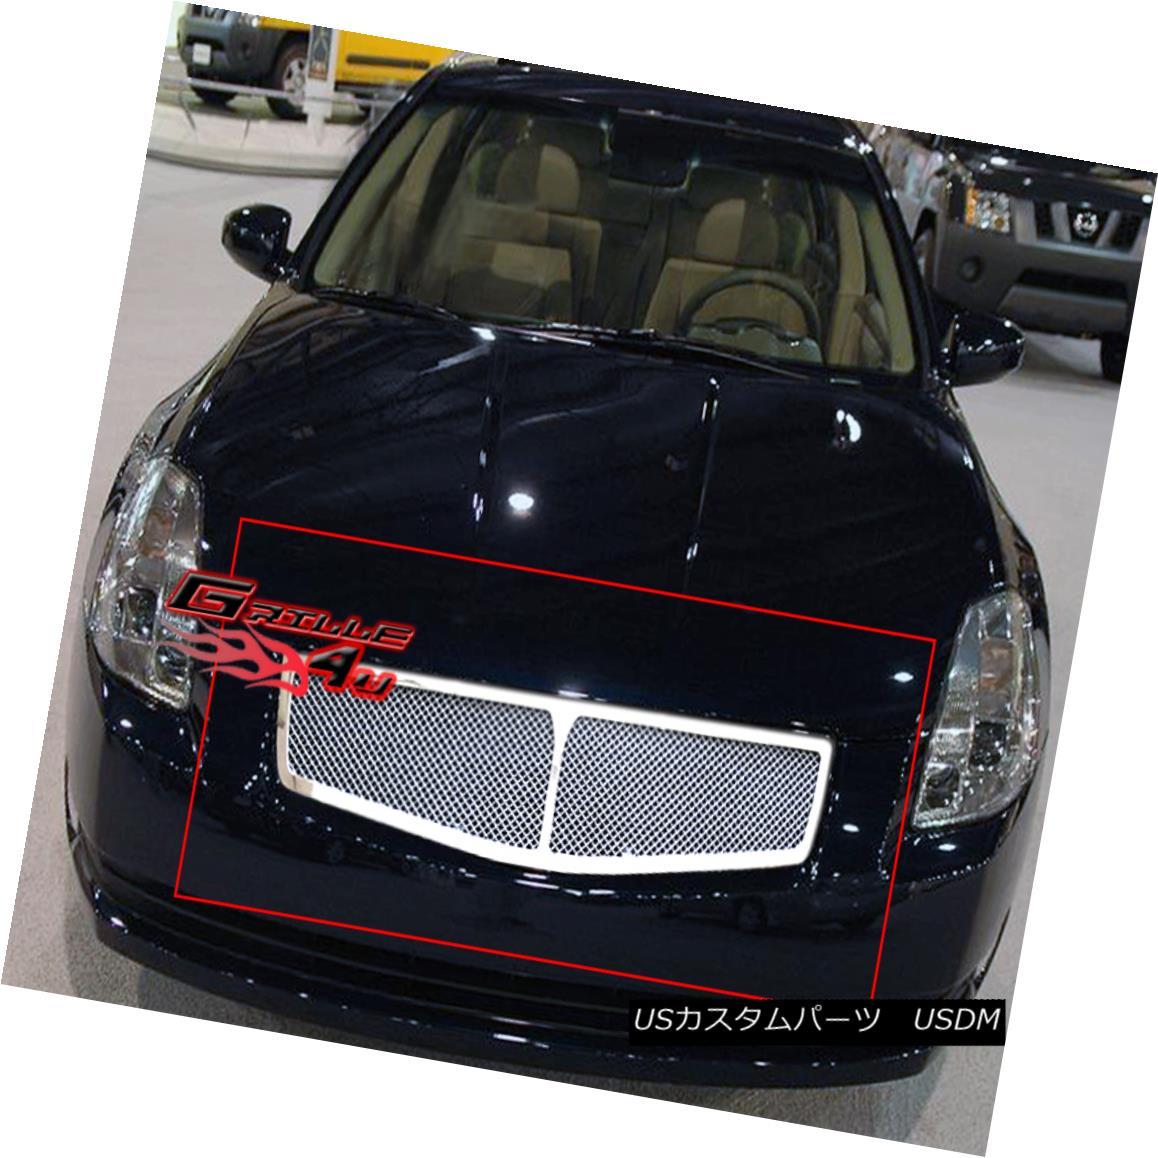 グリル Fits 2004-2006 Nissan Maxima Stainless Steel Mesh Grille Insert 2004-2006日産マキシマステンレスメッシュグリルインサート